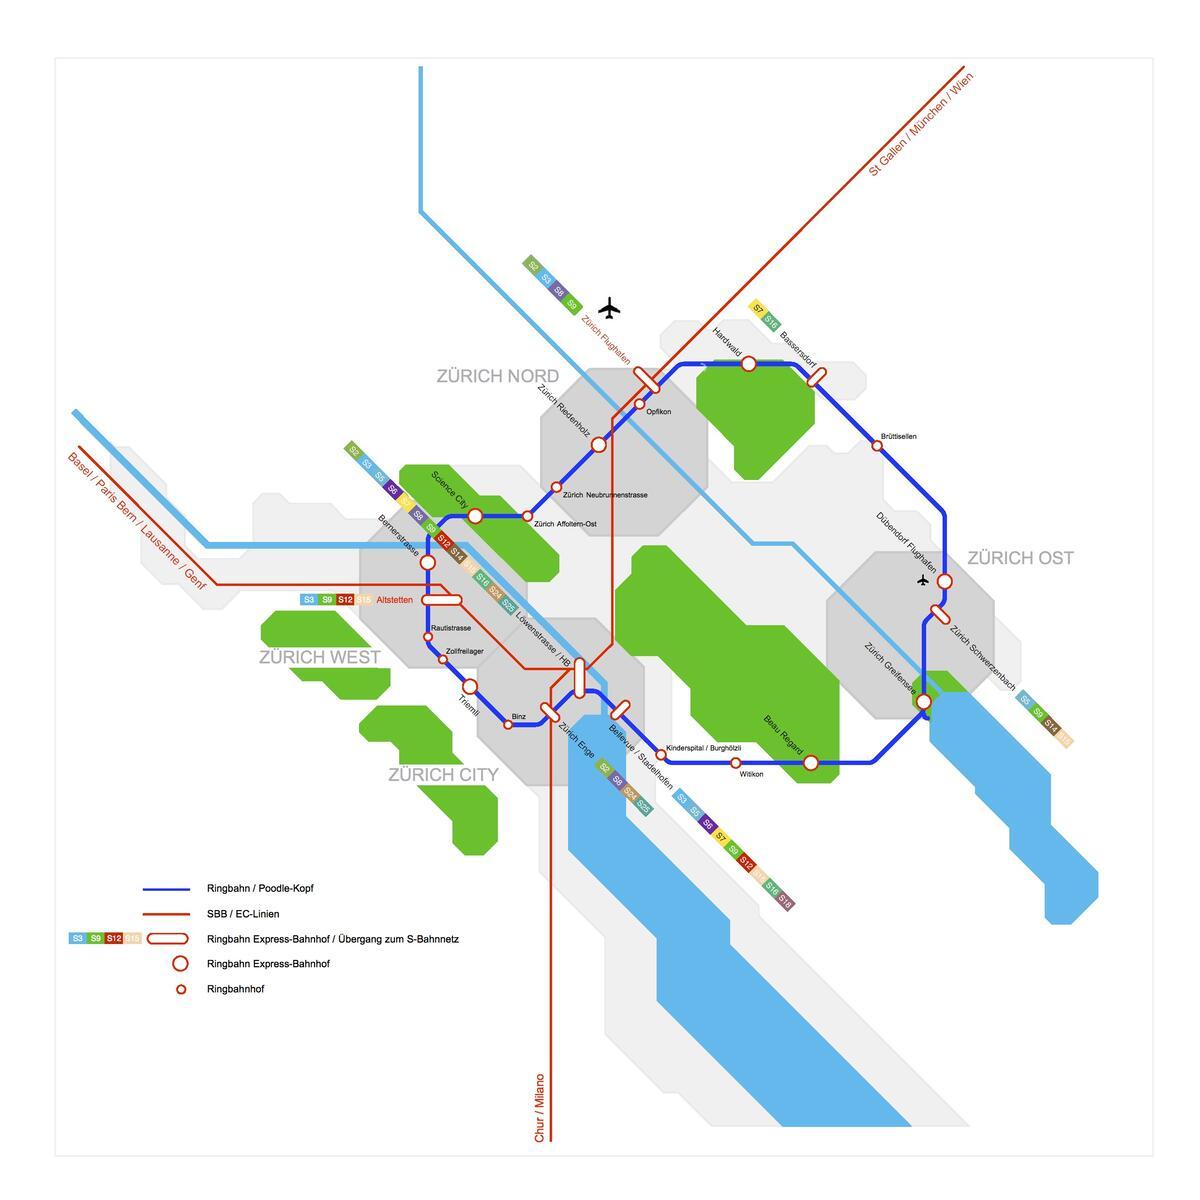 Der Pudelkopf: Eine Ringbahn könnte das Stadtzentrum von Zürich entlasten und Brennpunkte von Stadt und Region verbinden.